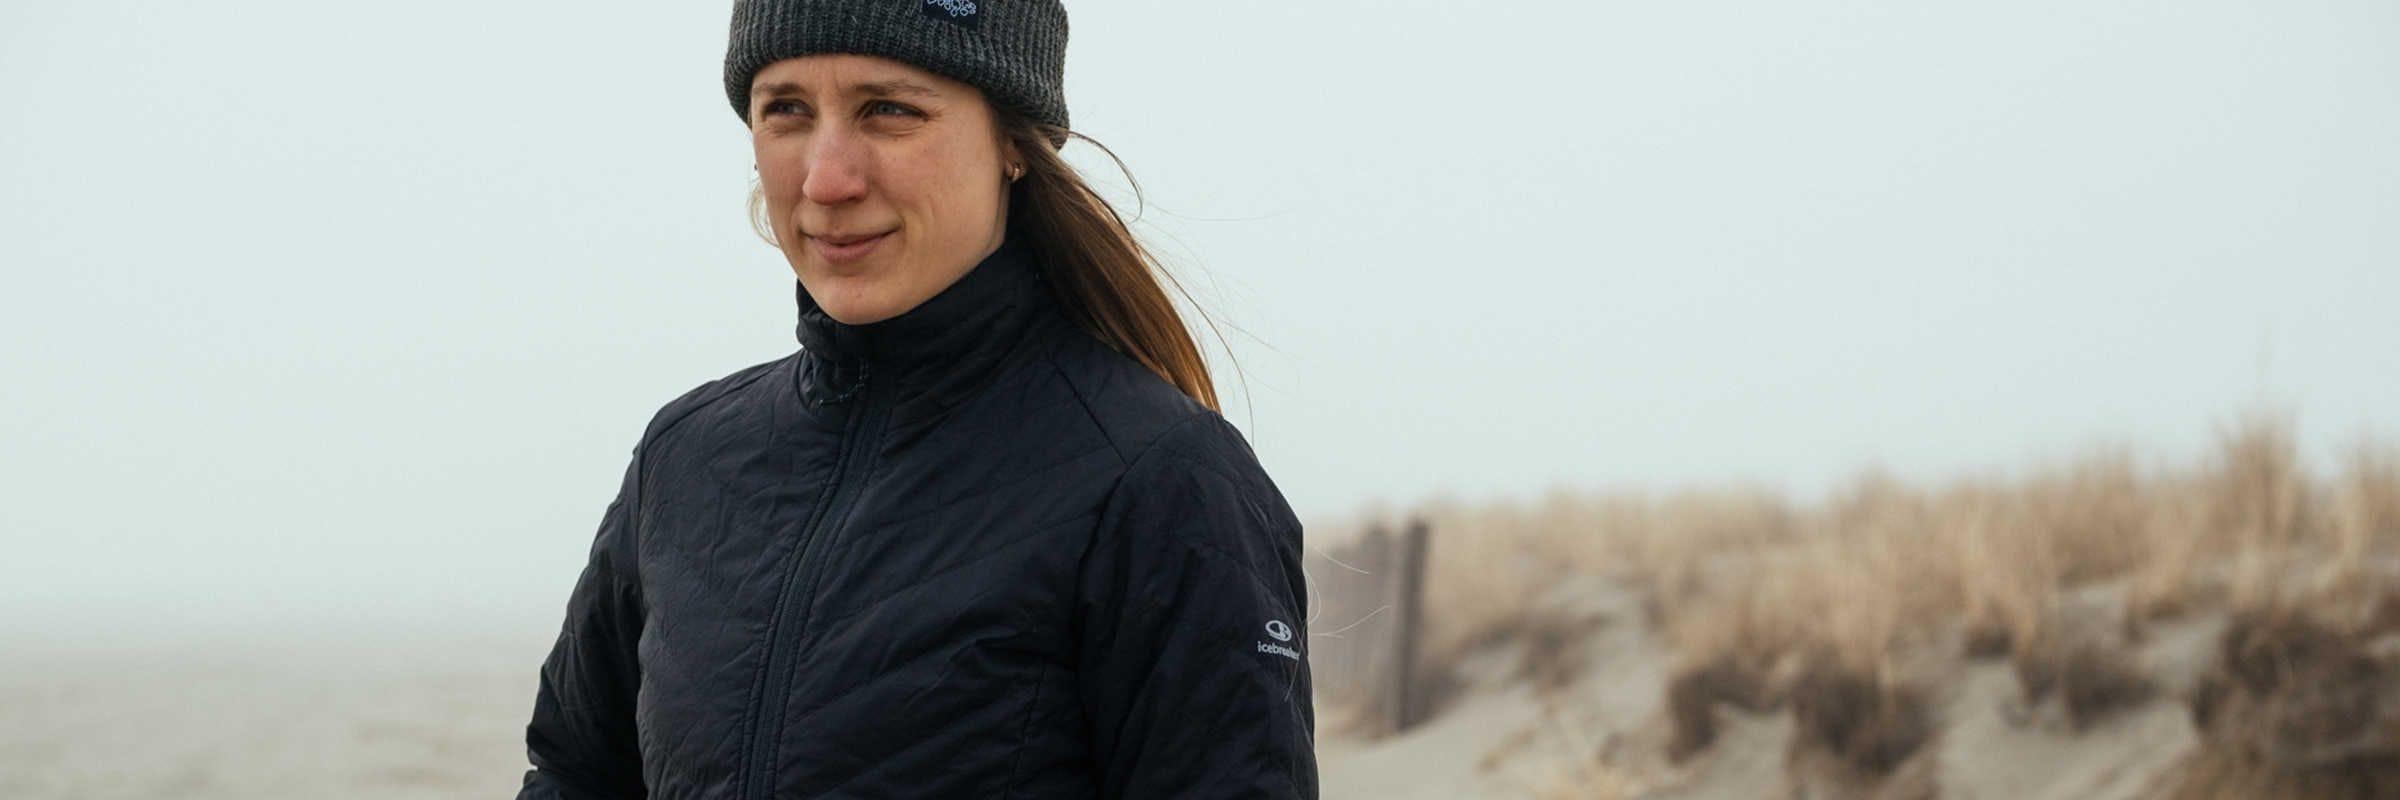 Reviewed: Hyperia Lite Jacket by Icebreaker